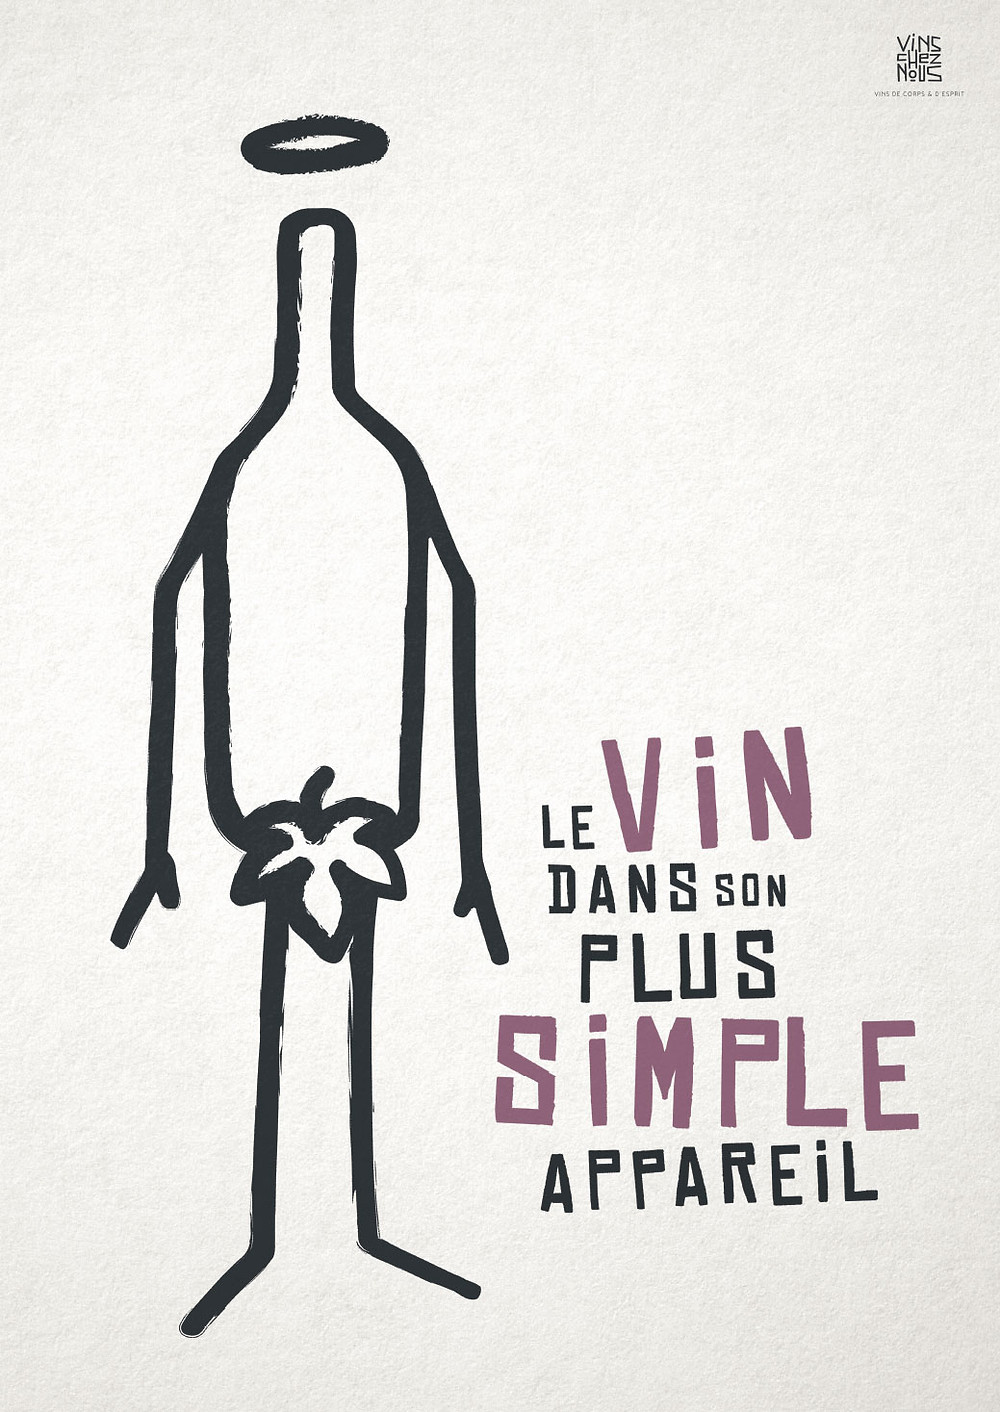 Affiche reçue dans le colis vincheznous.com